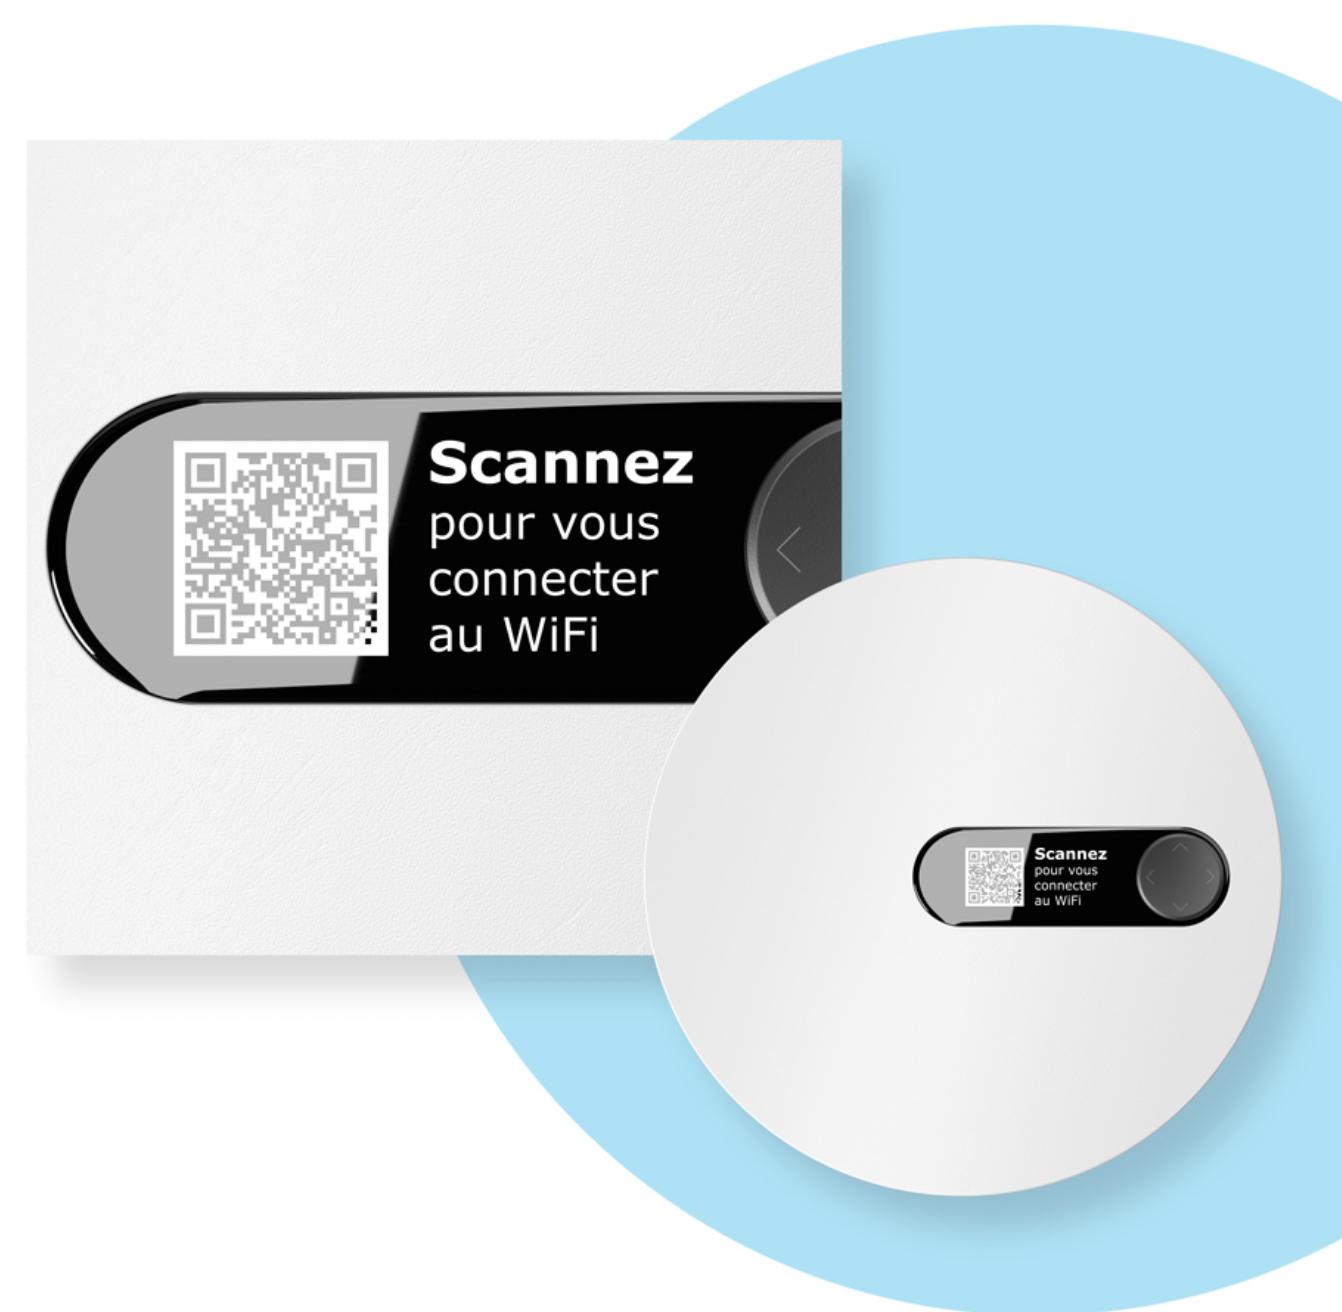 la connexion au wifi QR code freebox pop